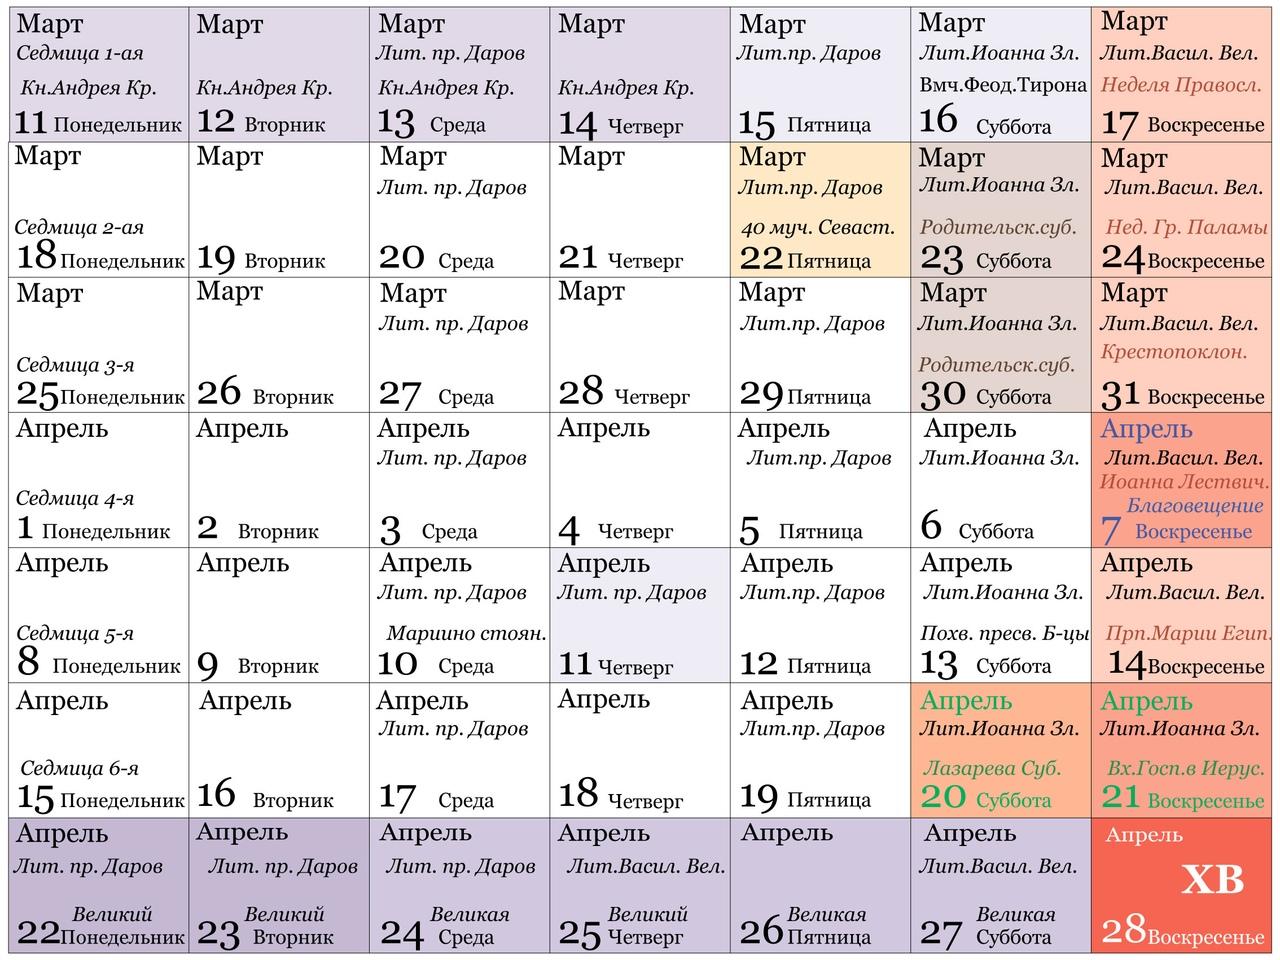 Календарь праздников Великого поста в 2019 году